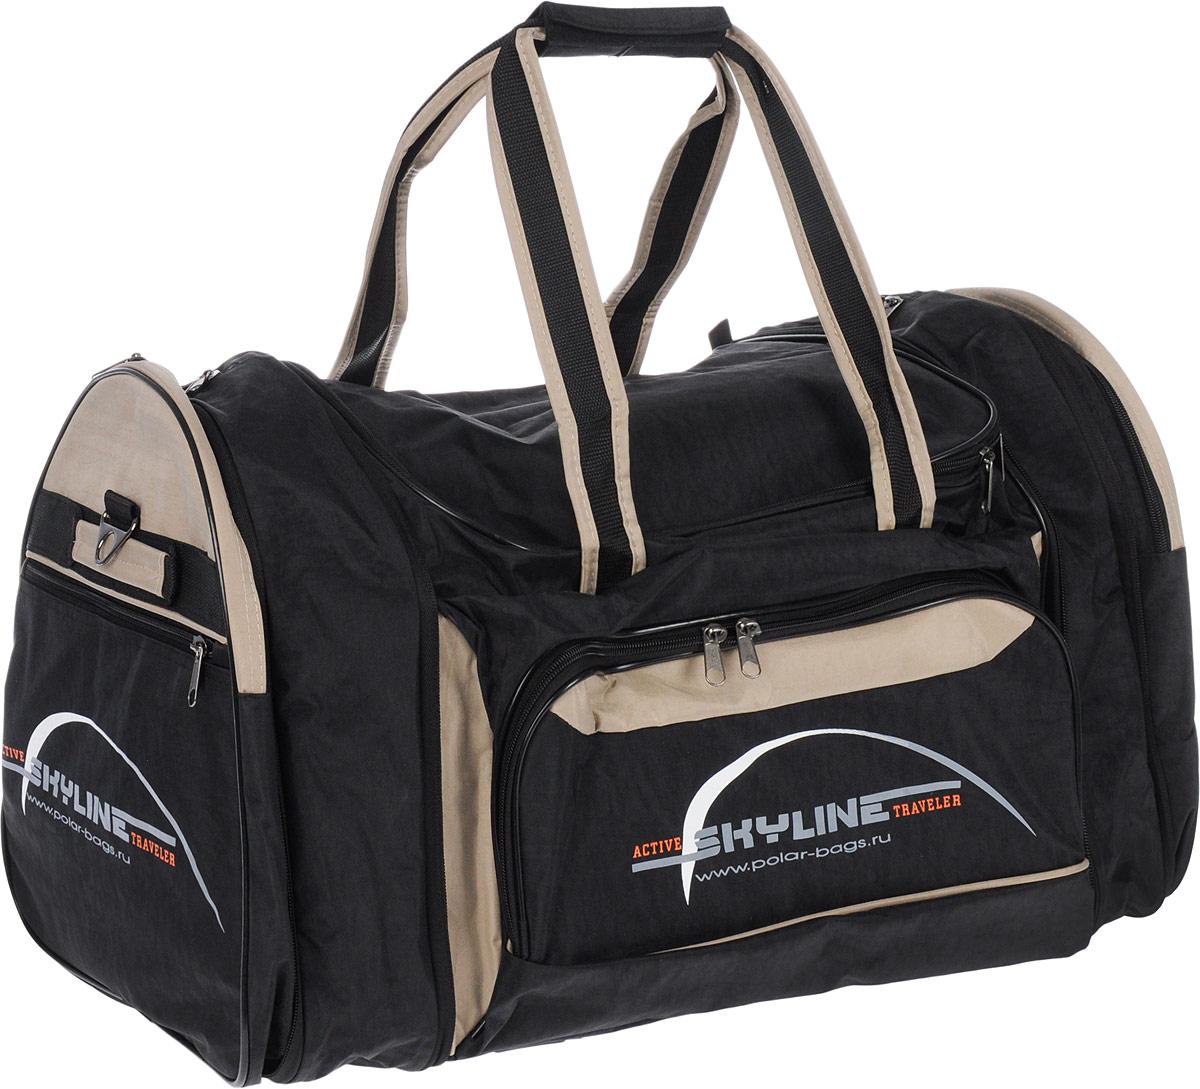 Сумка спортивная Polar, цвет: черный, бежевый, 66,5 л. 6069.1MM-610-3/2Материал – полиэстер с водоотталкивающей пропиткой. Вместительная спортивная сумка среднего размера. Внутри - один отдел, два боковых кармана и карман на передней части. В комплект входит съемный плечевой ремень. Эта сумка идеально подойдет для спорта и отдыха. Спортивная сумка для ваших вещей. Сумка раздвижная ,на 5 см по бокам сумки.